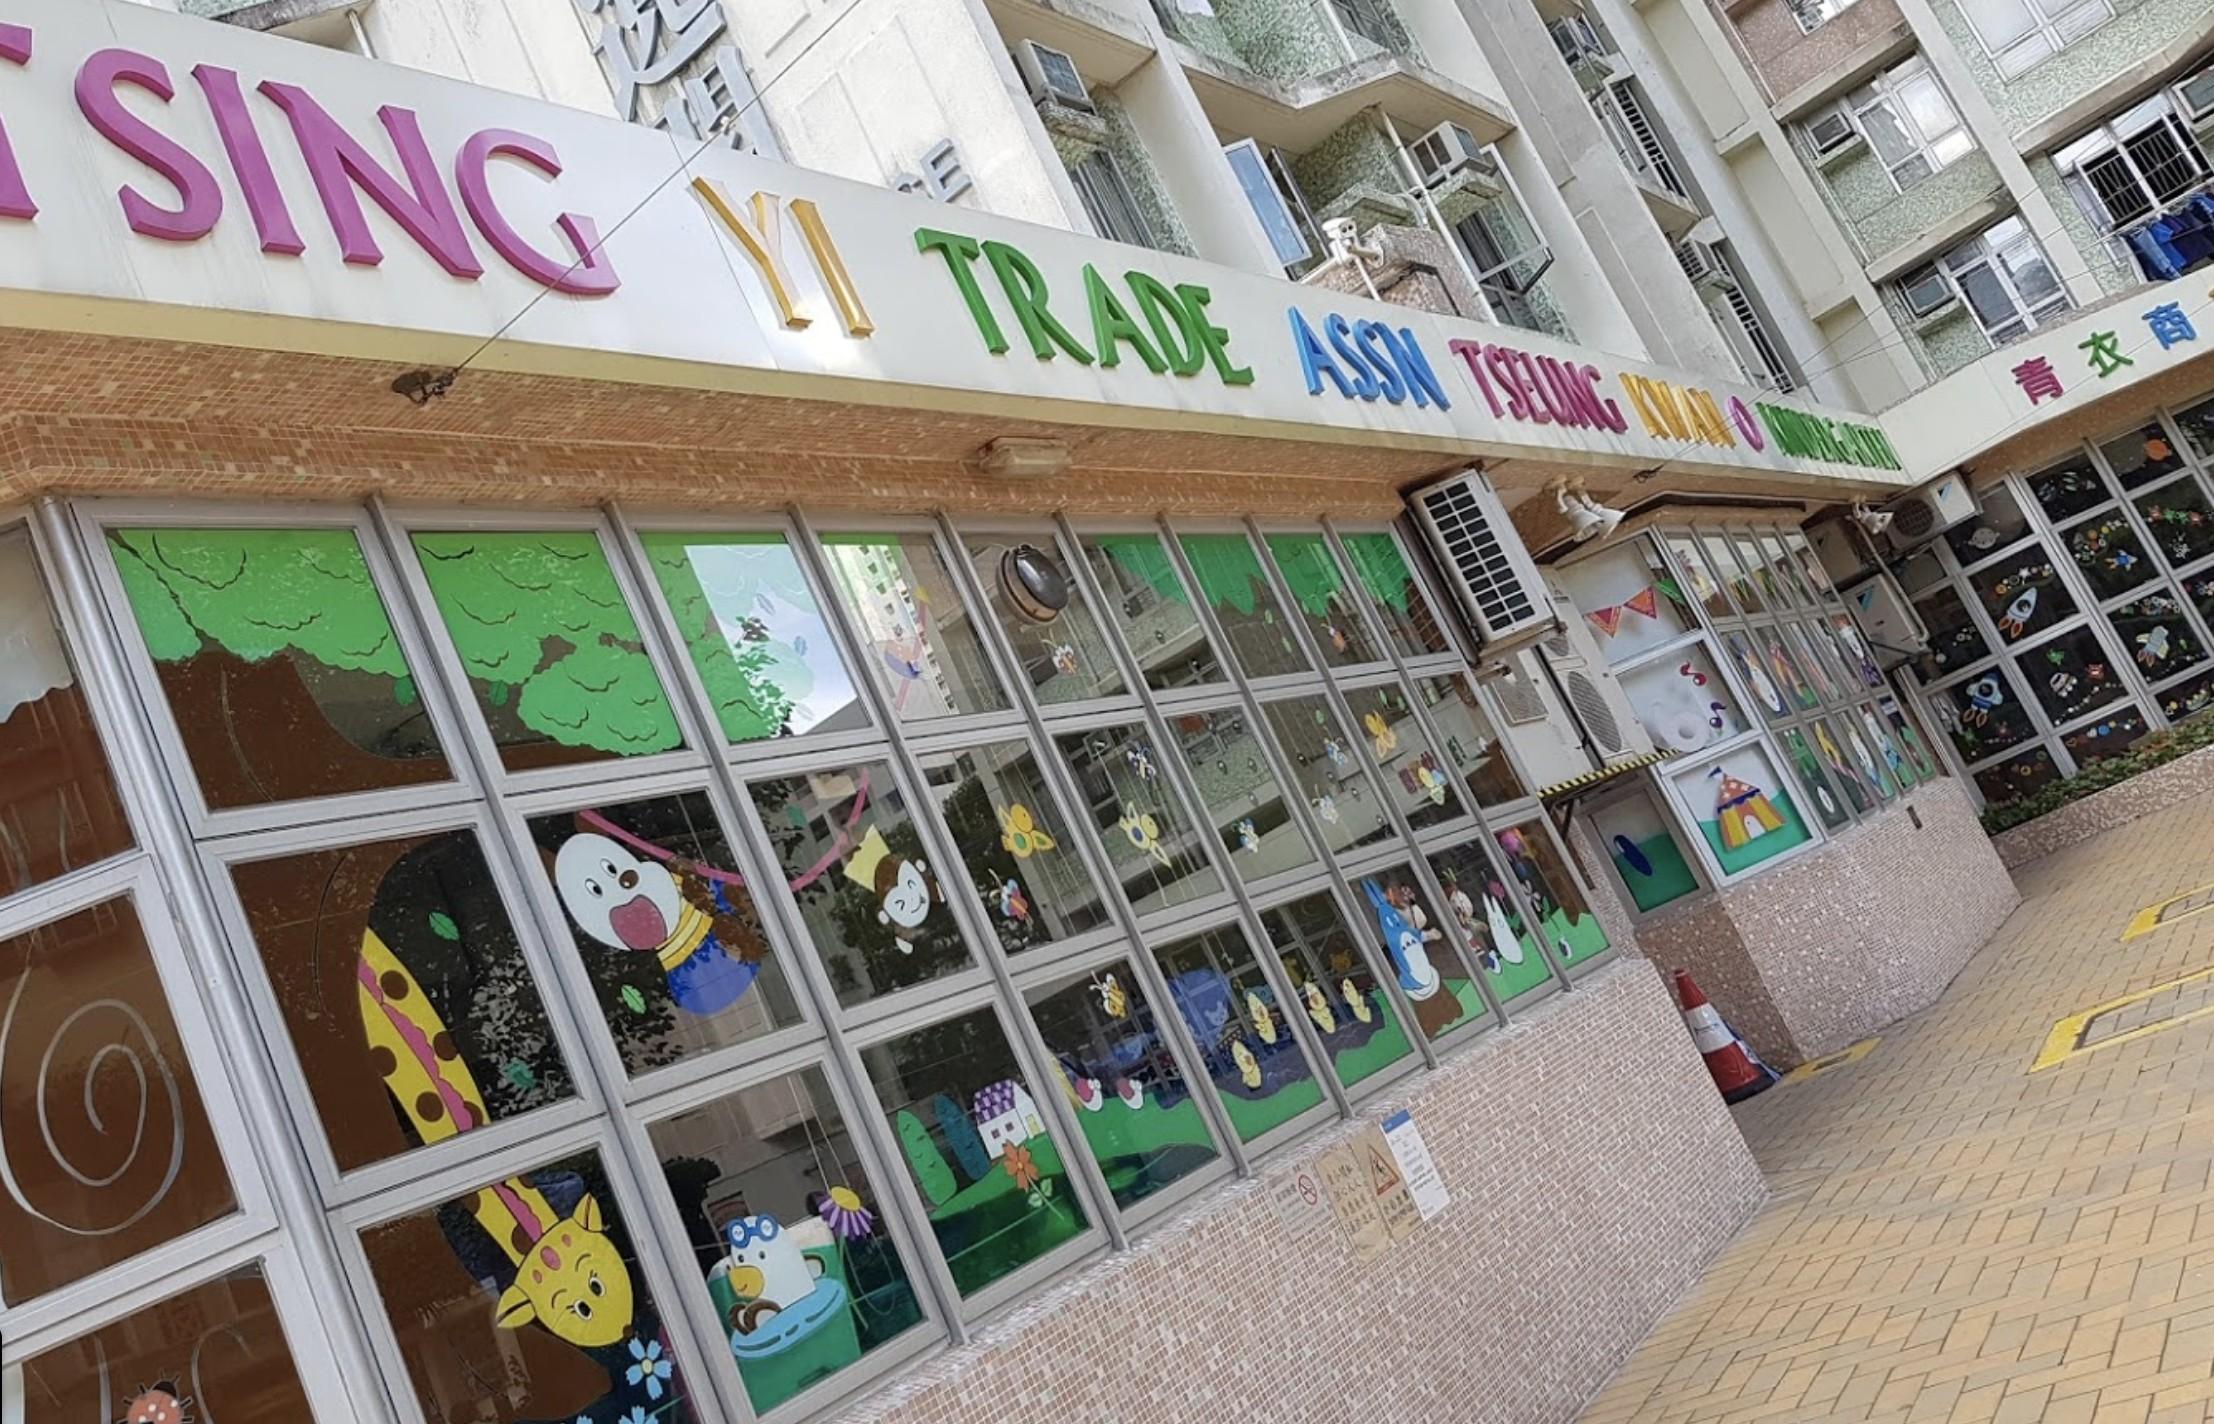 Hong Kong Kindergarten Denies Allegation Under Police